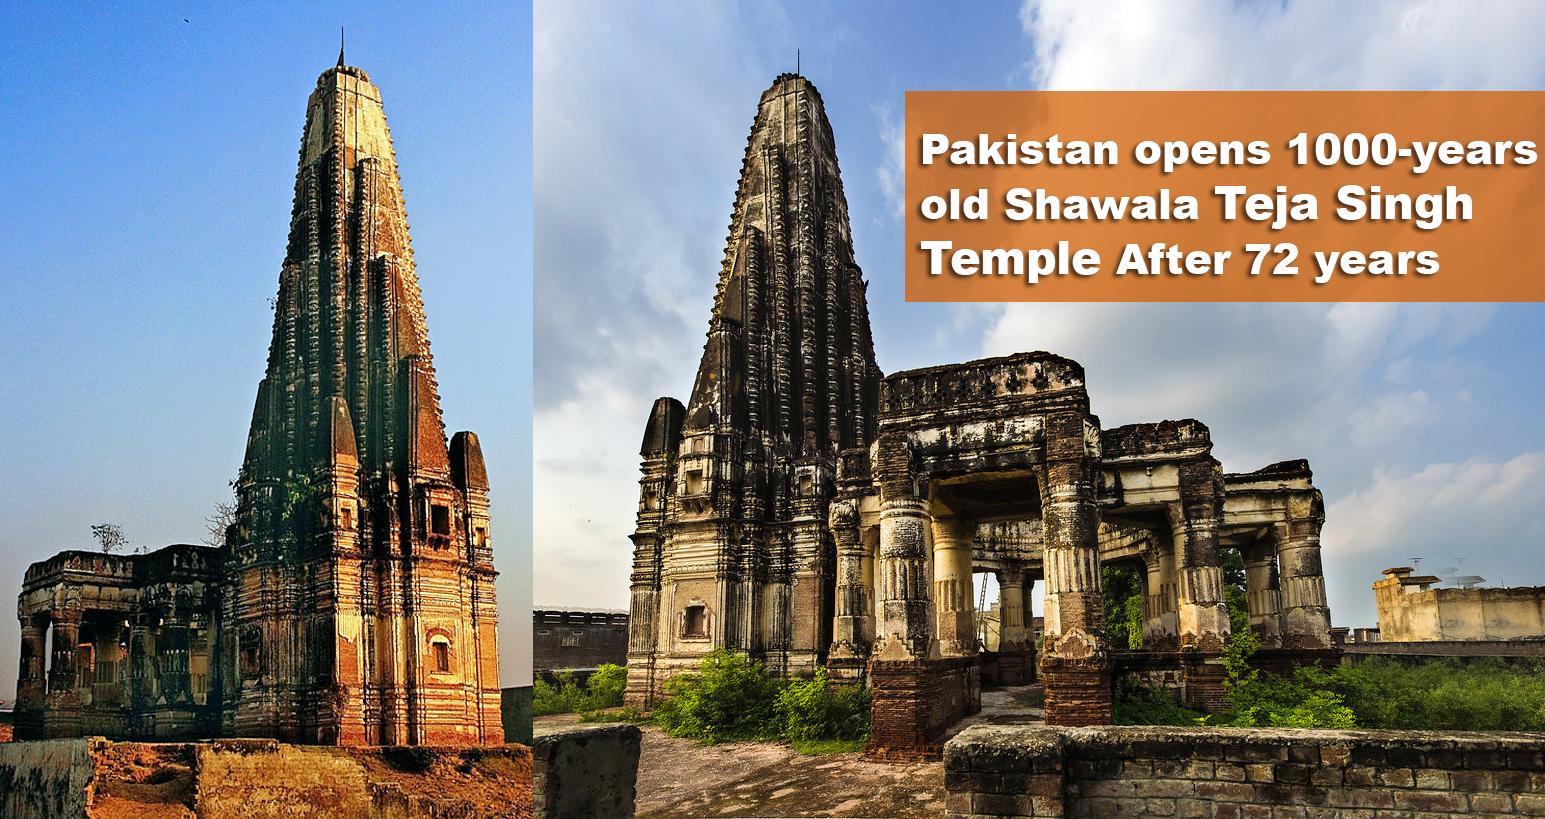 ৭২ বছর পর শাওয়ালা তেজা সিং মন্দির খুললো পাকিস্তান